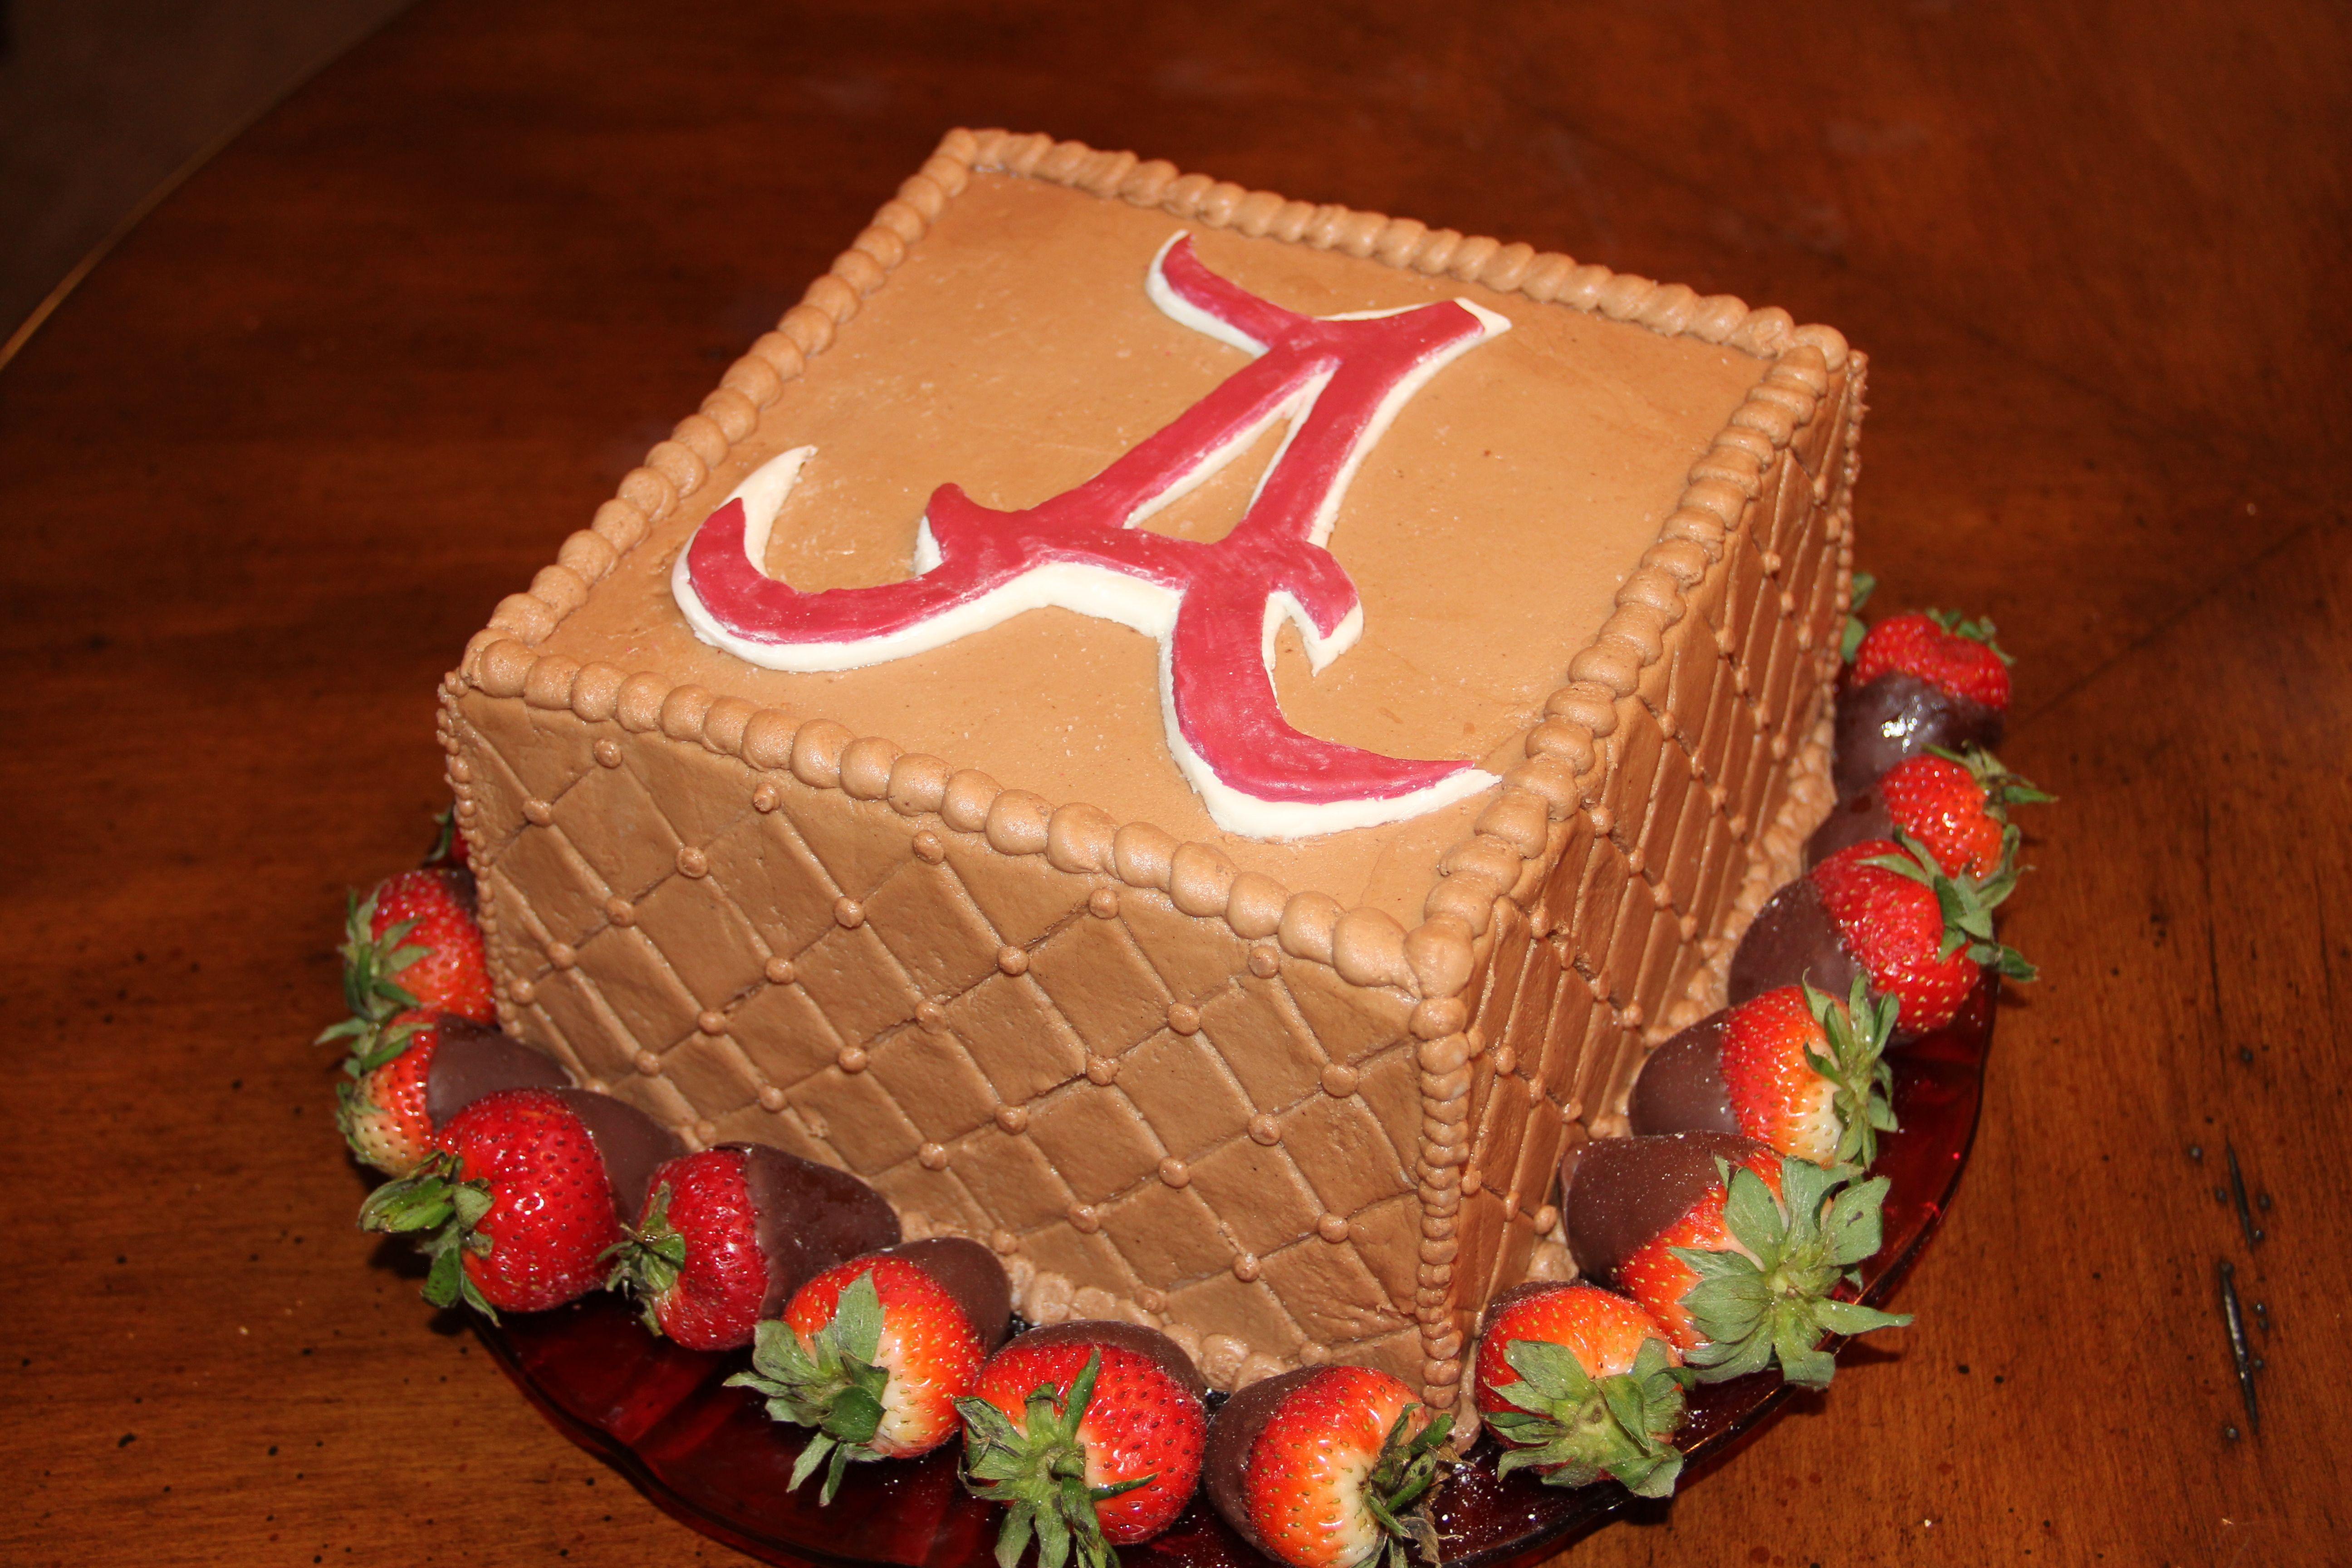 Groom's cake by SweetSters SweetSters Cupcakes